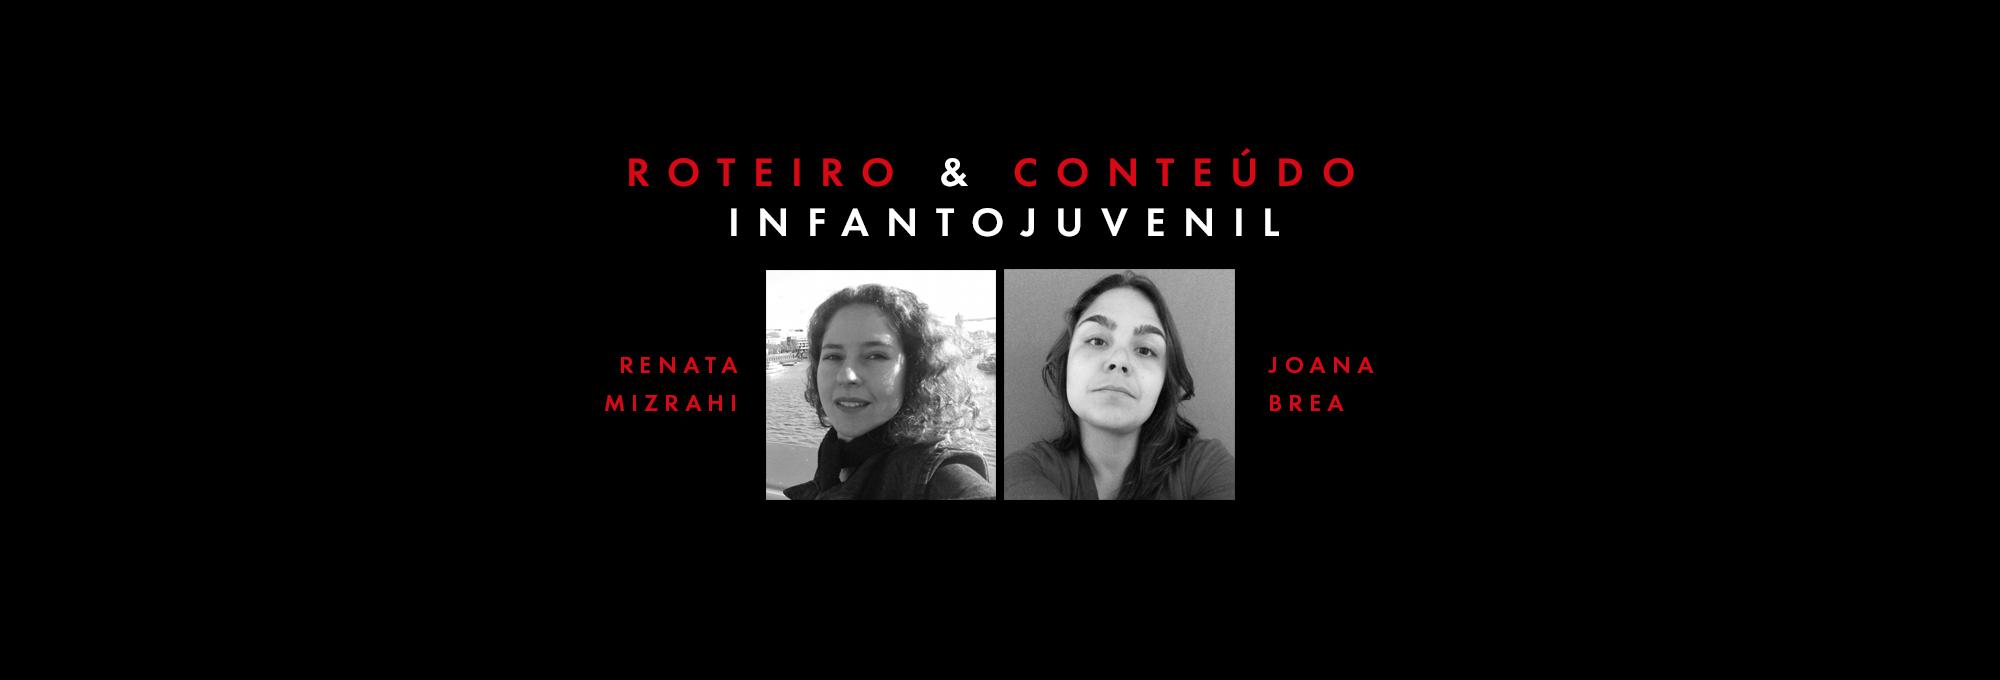 Palestra gratuita sobre roteiro e conteúdo Infantojuvenil na AIC-RJ